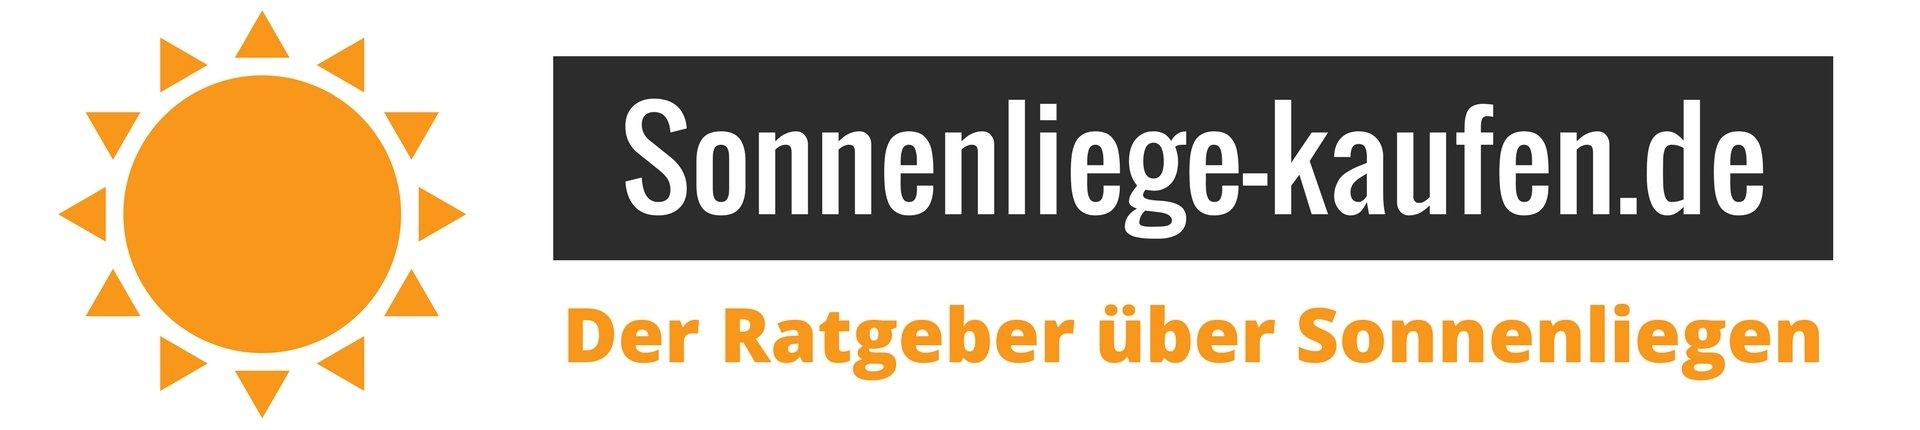 Sonnenliege kaufen Logo